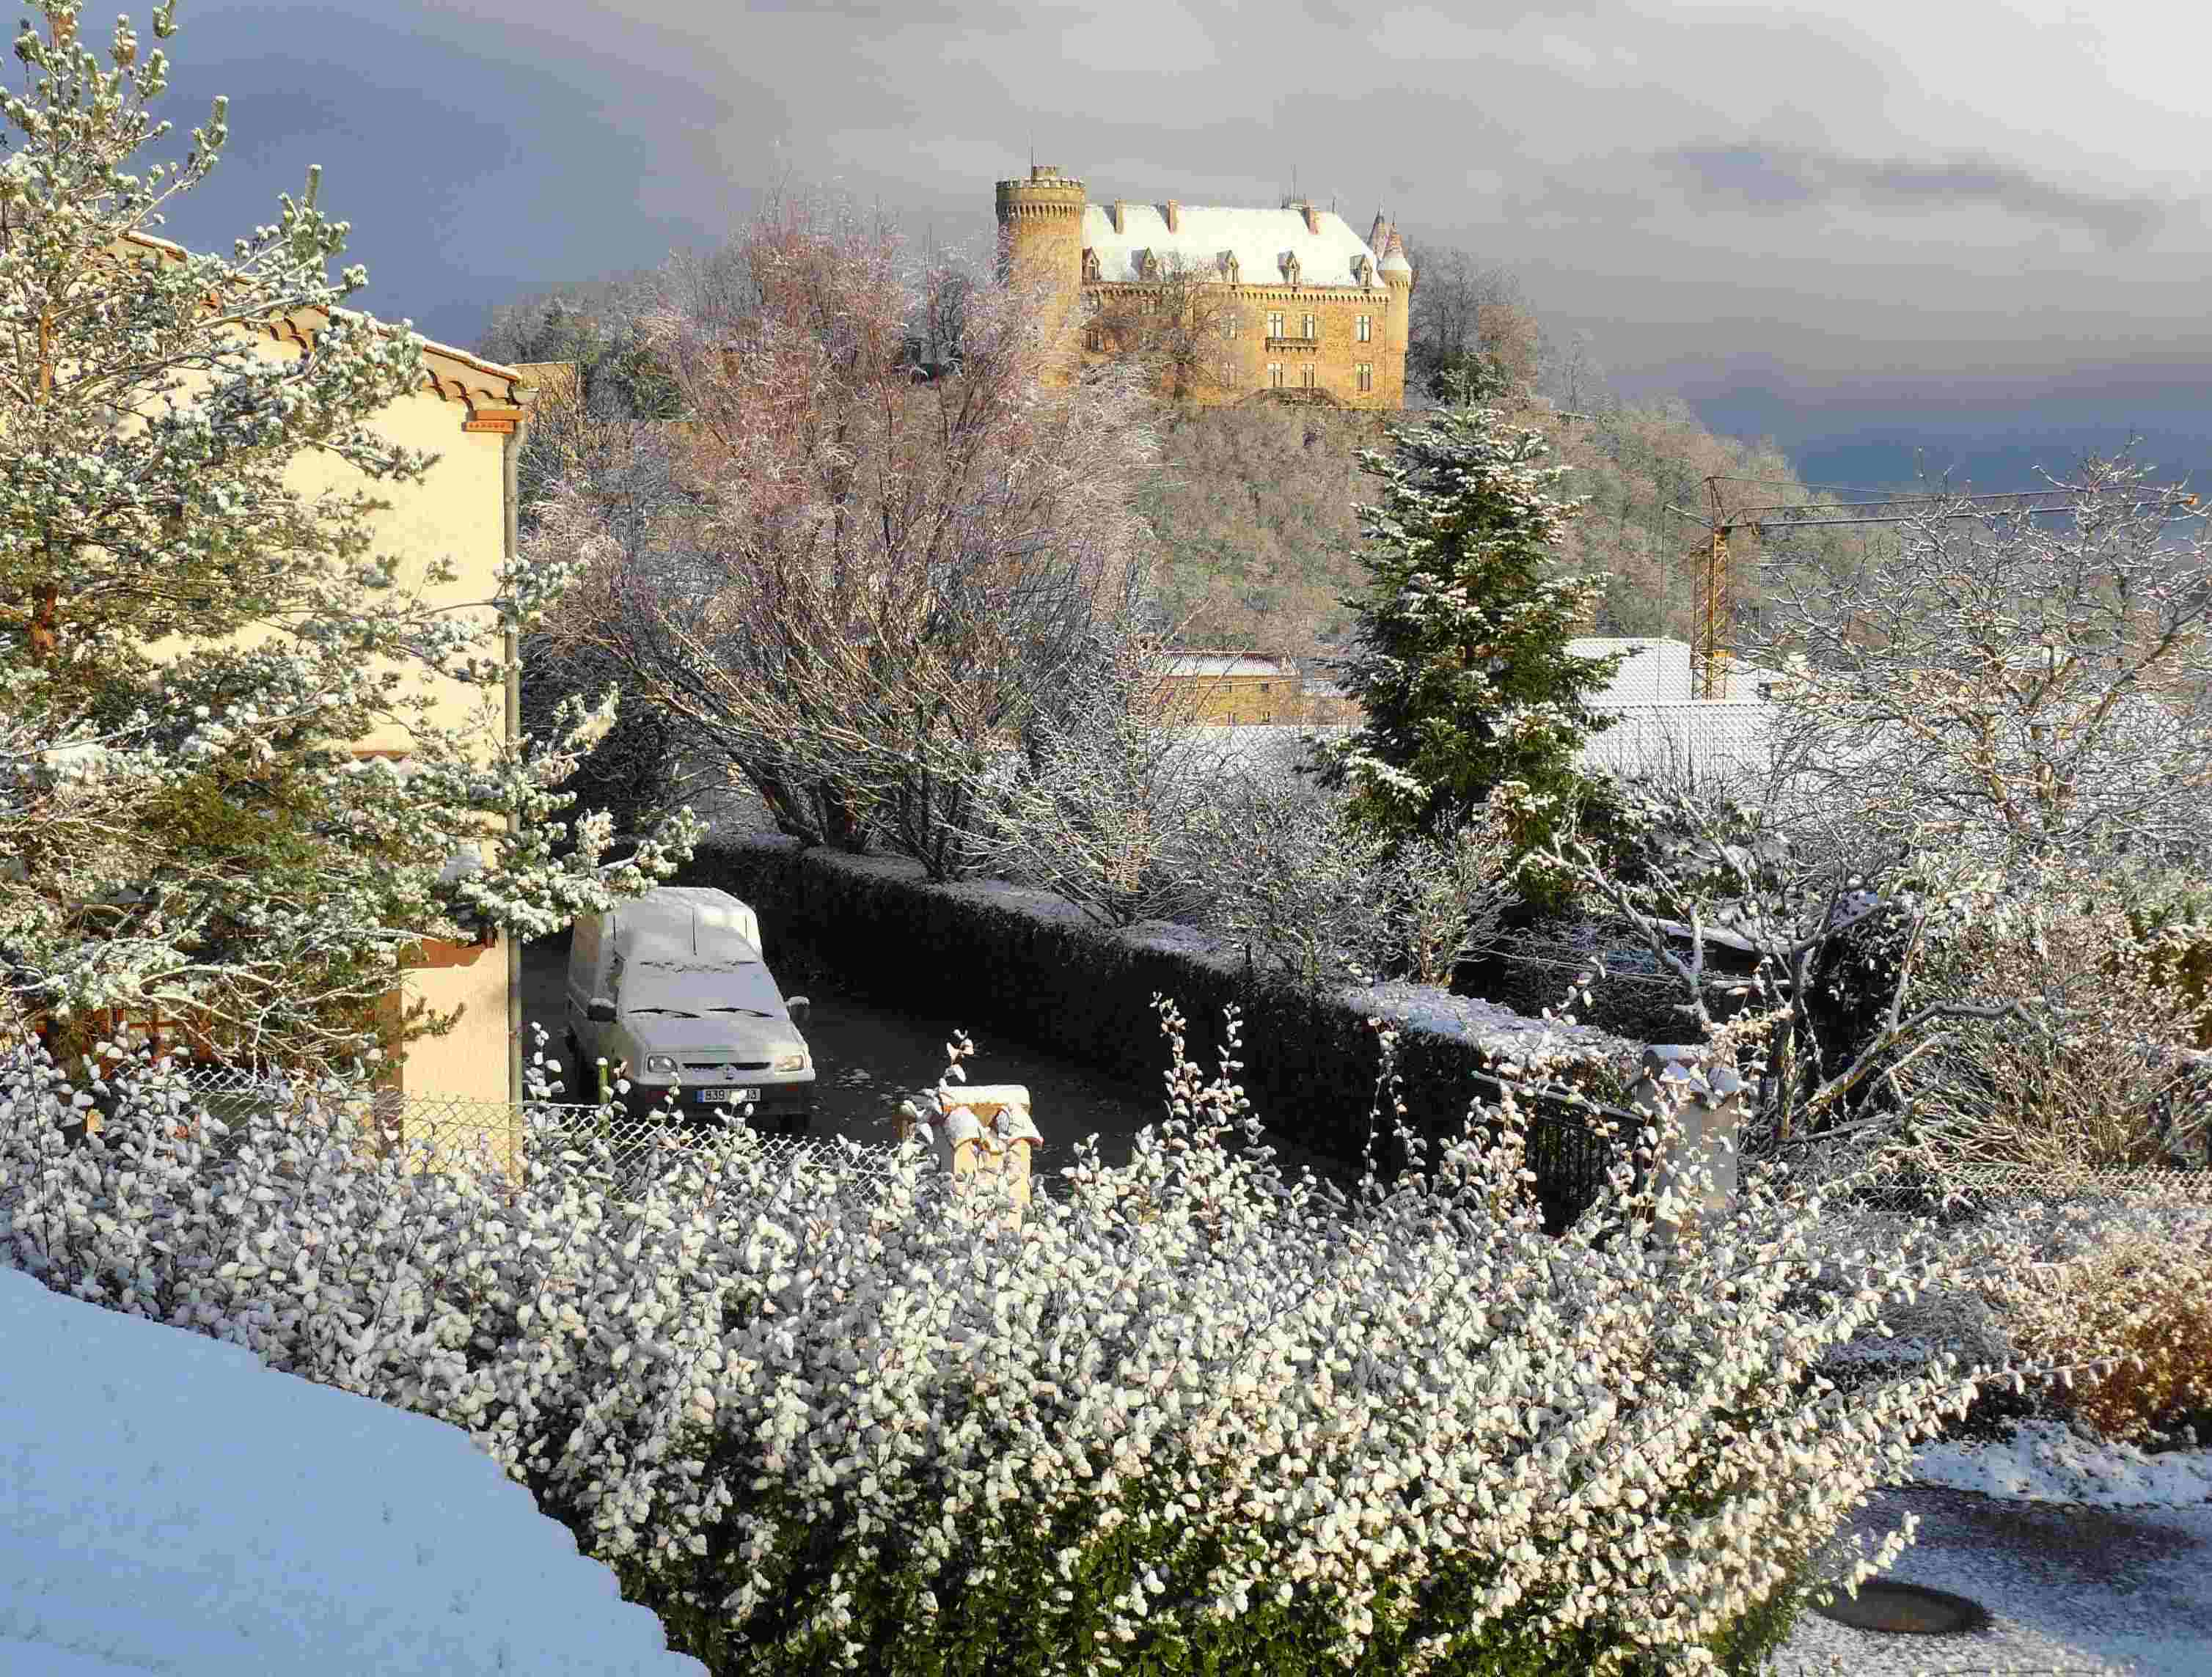 Le_chateau_de_Paulhac_sous_la_neige_P.Schmitt.JPG